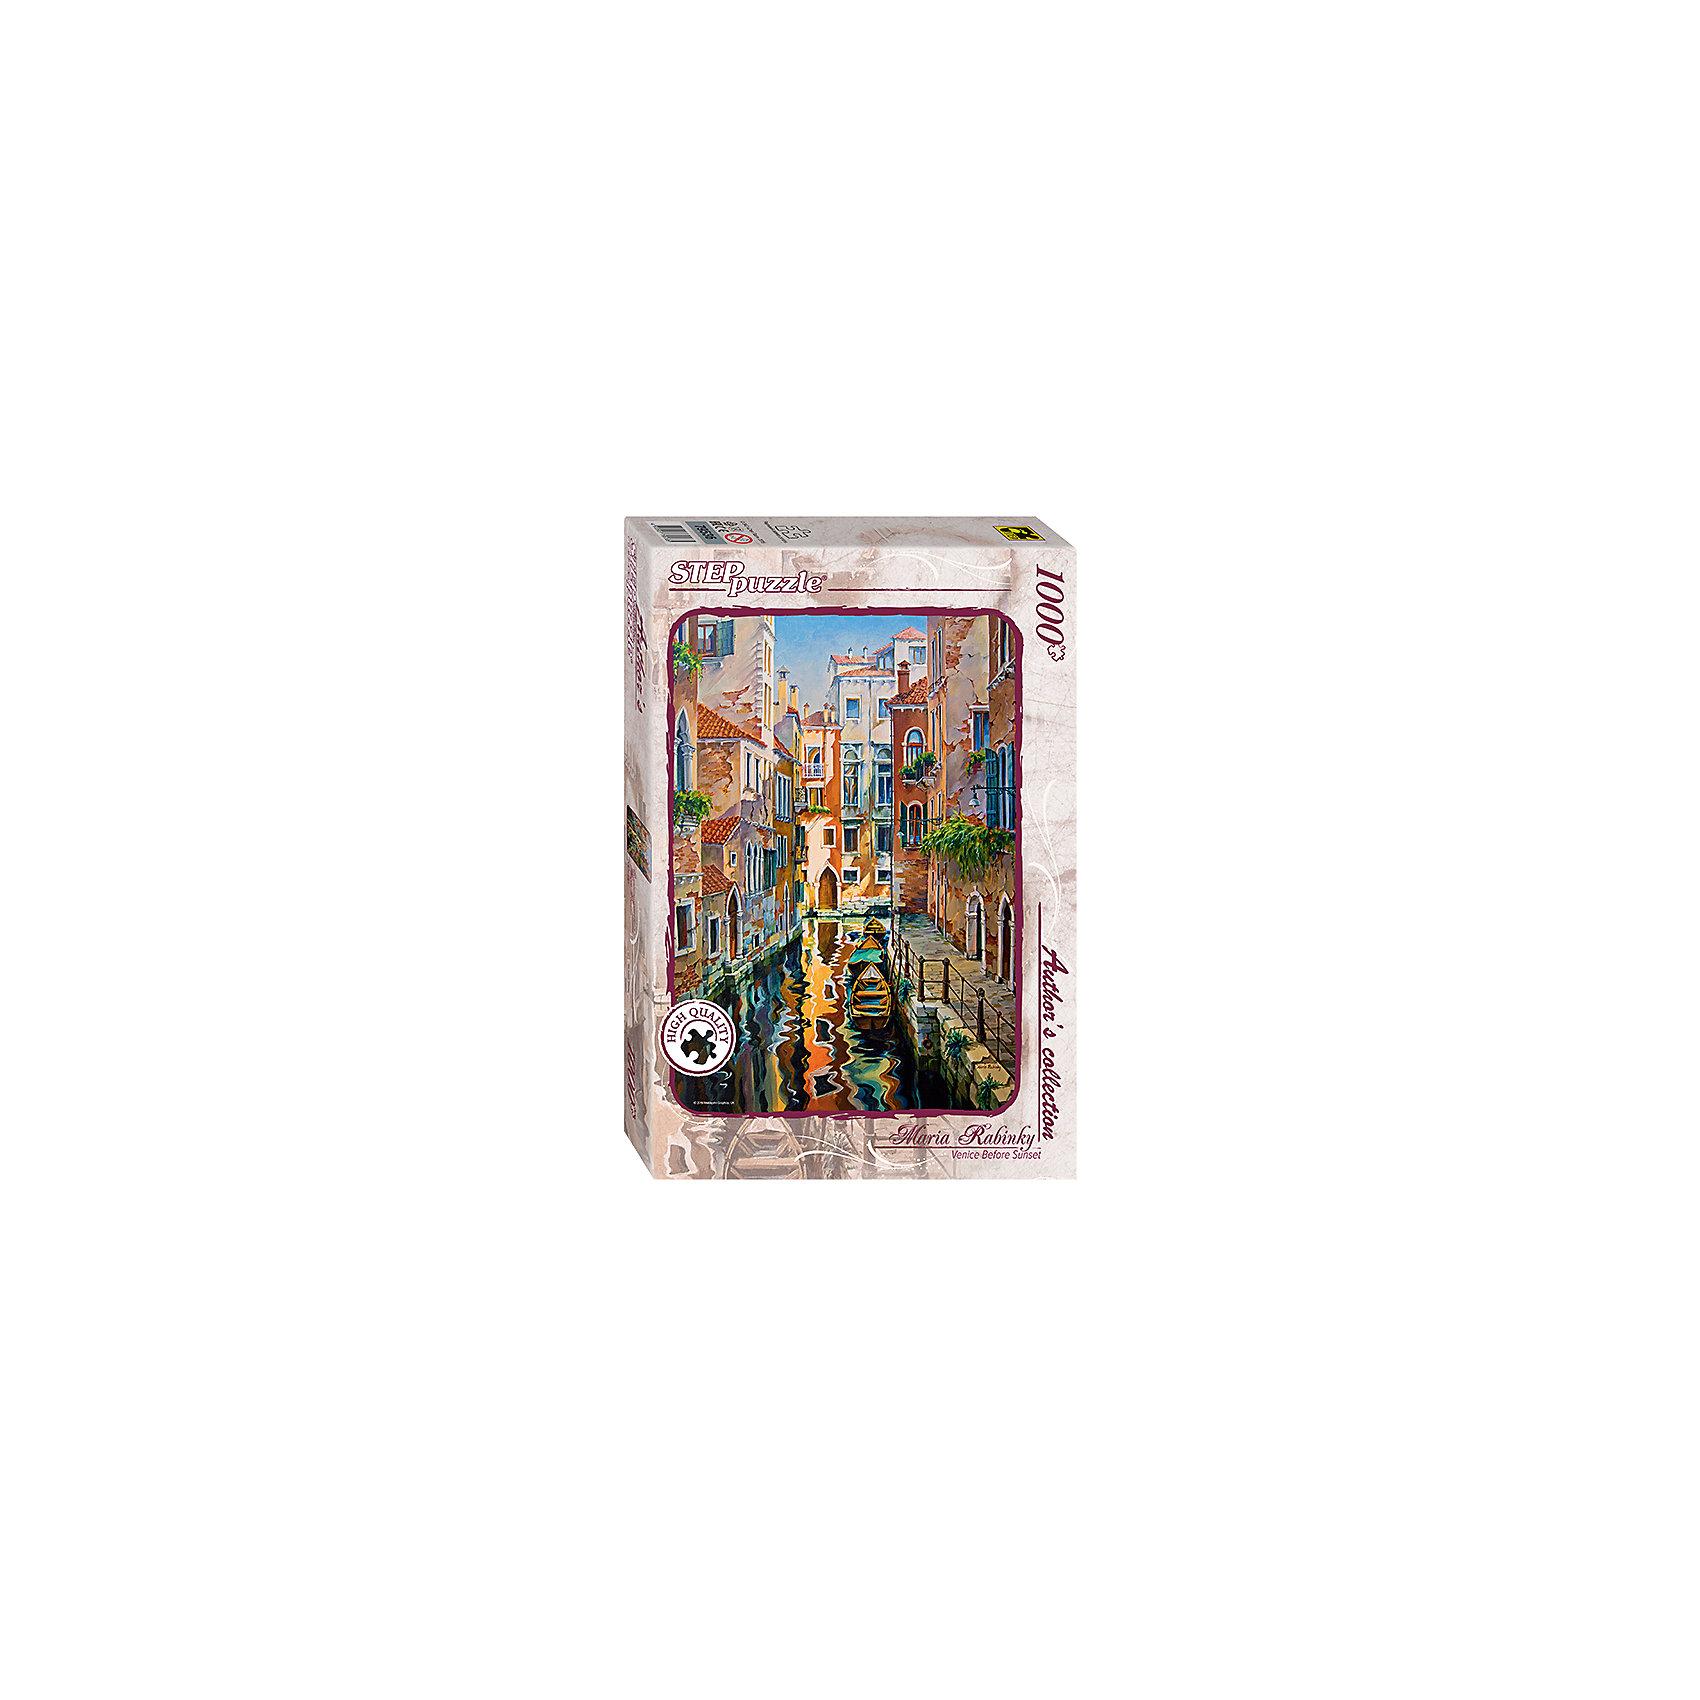 Пазл  Солнечная аллея в Венеции, 1000 деталей, Step PuzzleХарактеристики товара:<br><br>- цвет: разноцветный;<br>- материал: картон;<br>- деталей: 1000;<br>- высокая точность подгонки элементов;<br>- отличное качество печати;<br>- упаковка: коробка.<br><br>Собирать пазлы любят и дети, и взрослые! Это занятие может не только позволять весело проводить время, но и помогать всестороннему развитию ребенка. Изделие представляет собой детали, из которых нужно собрать очень красивую картинку. Все детали отлично проработаны, готовое изображение можно даже зафиксировать на бумаге и украсить им интерьер!<br>Собирание пазлов поможет формированию разных навыков, оно помогает развить тактильное восприятие, мелкую моторику, воображение, внимание и логику. Изделие произведено из качественных материалов, безопасных для ребенка. Набор станет отличным подарком детям!<br><br>Пазл Солнечная аллея в Венеции, 1000 деталей, от бренда Step Puzzle можно купить в нашем интернет-магазине.<br><br>Ширина мм: 400<br>Глубина мм: 270<br>Высота мм: 55<br>Вес г: 780<br>Возраст от месяцев: 84<br>Возраст до месяцев: 180<br>Пол: Унисекс<br>Возраст: Детский<br>SKU: 5138178